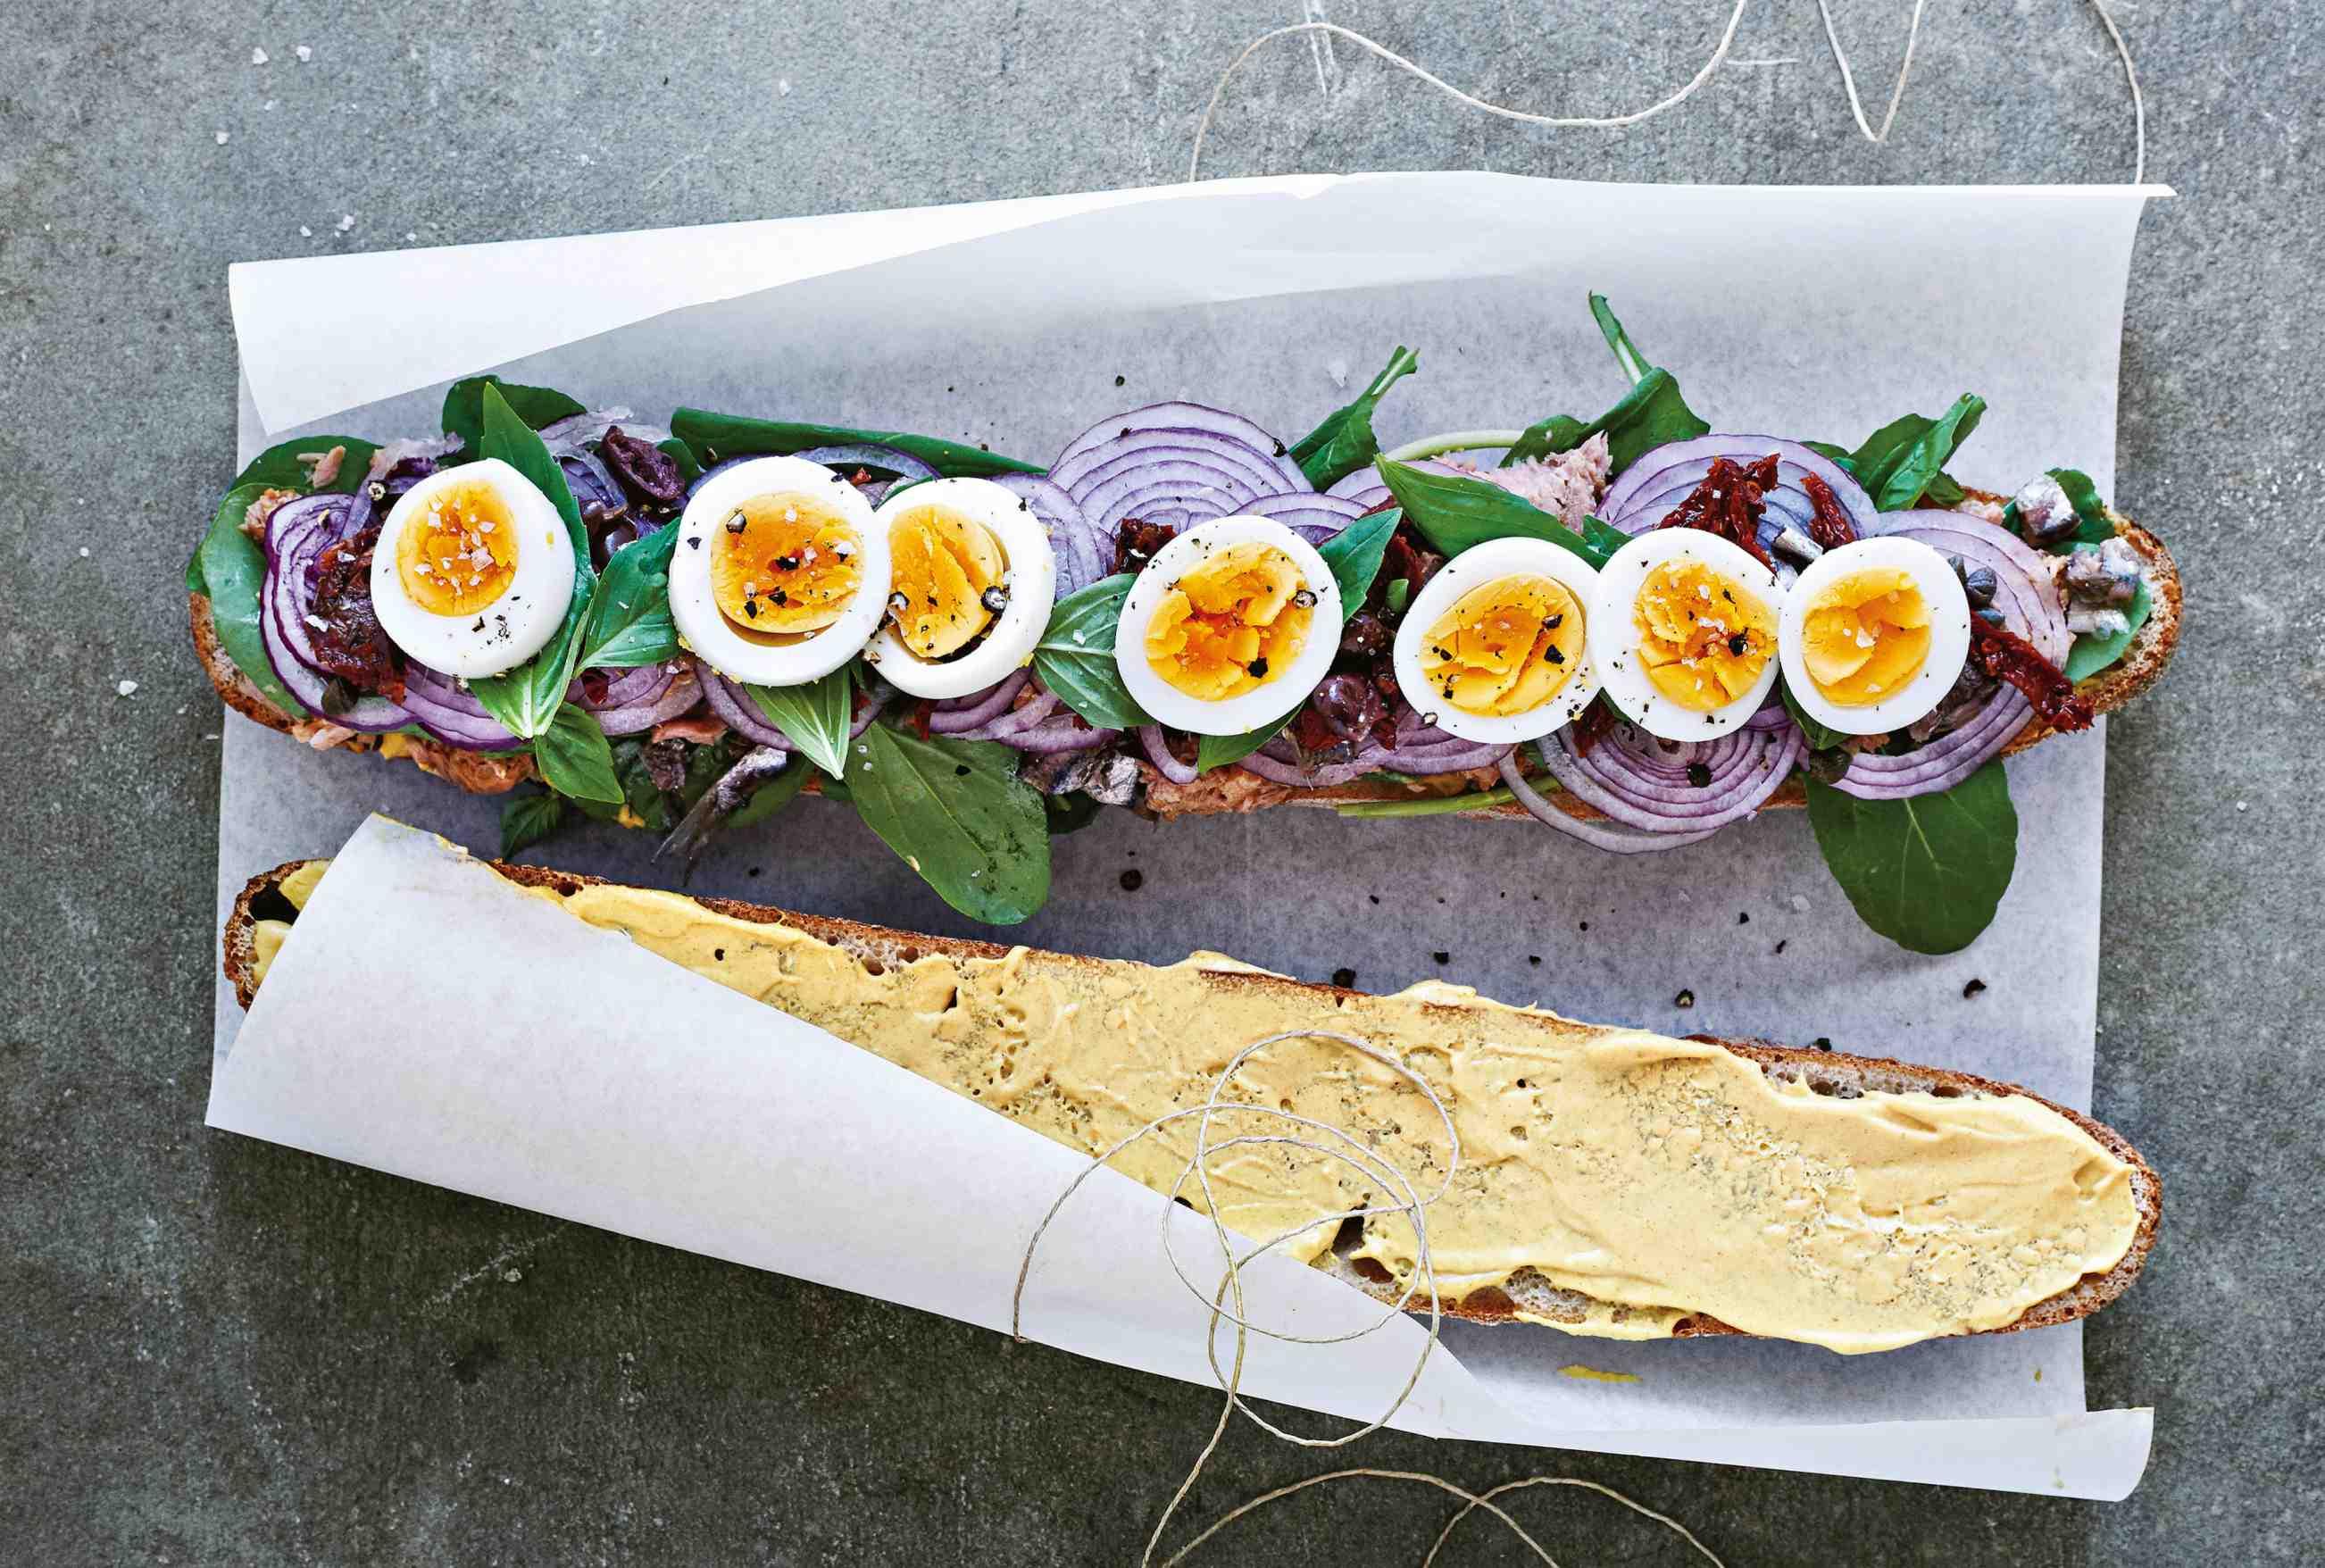 Plněný sendvič pan bagnat